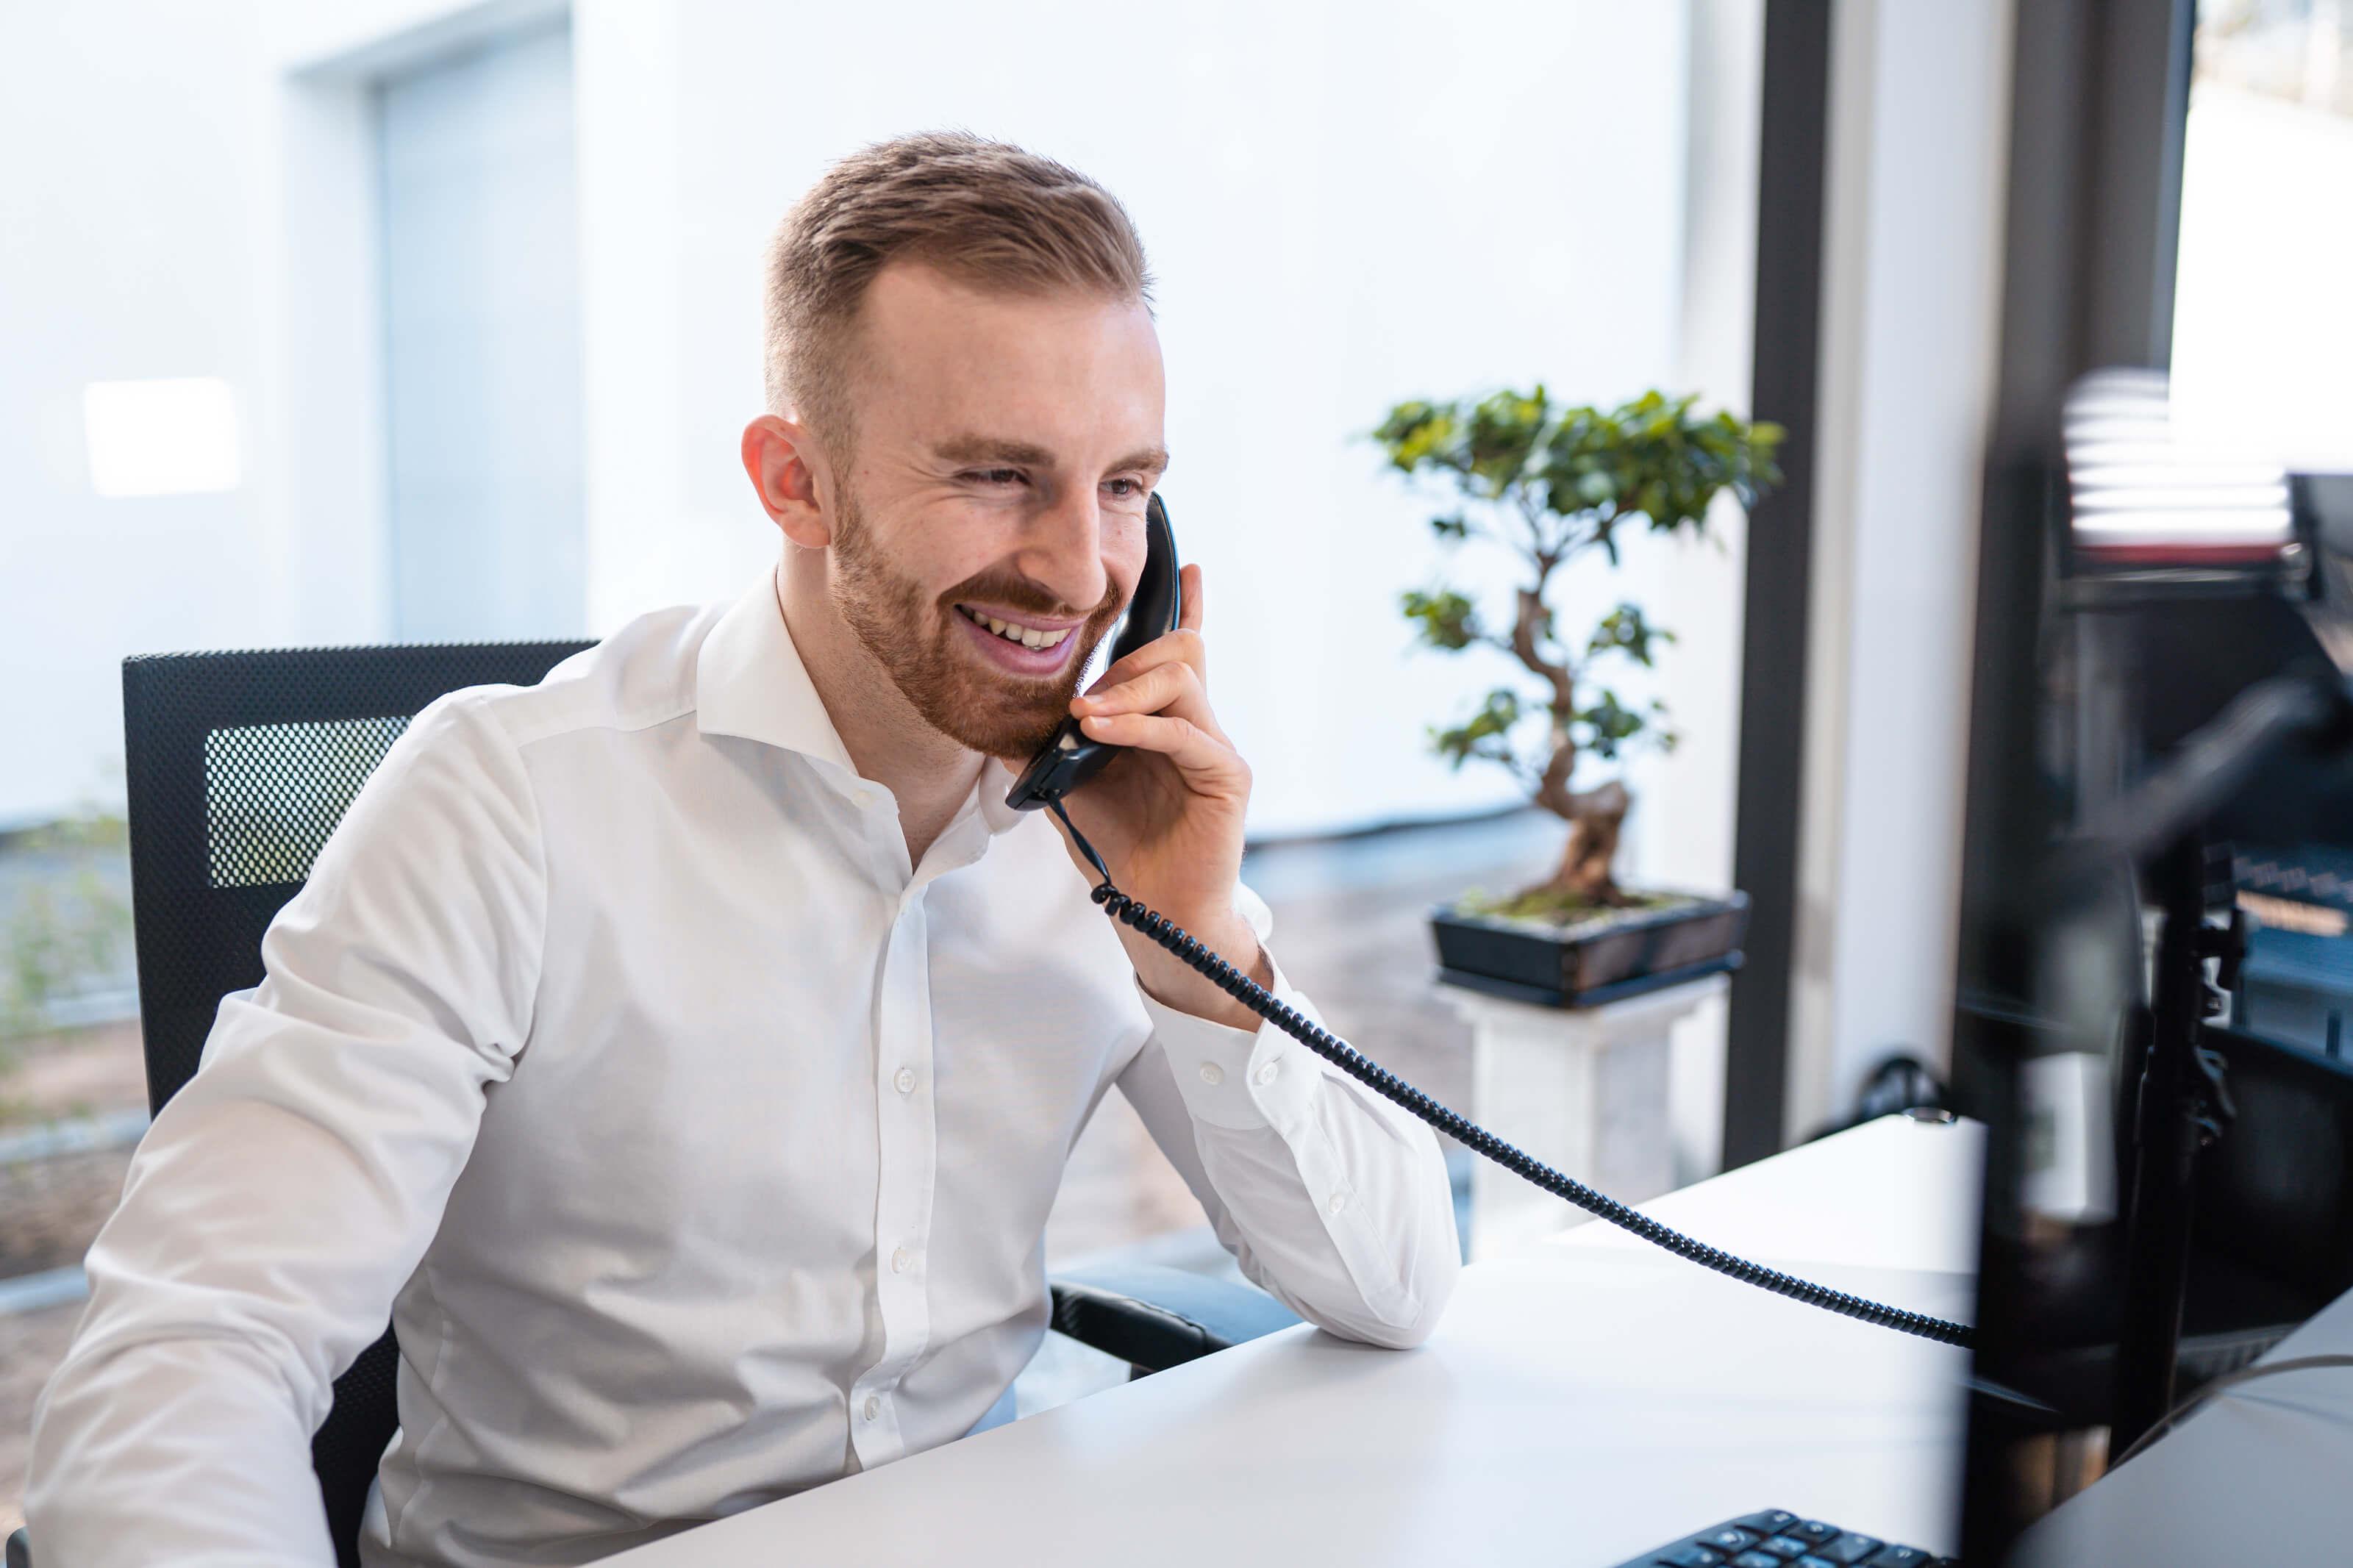 Alexander Voltmer führt ein Kundengespräch am Telefon